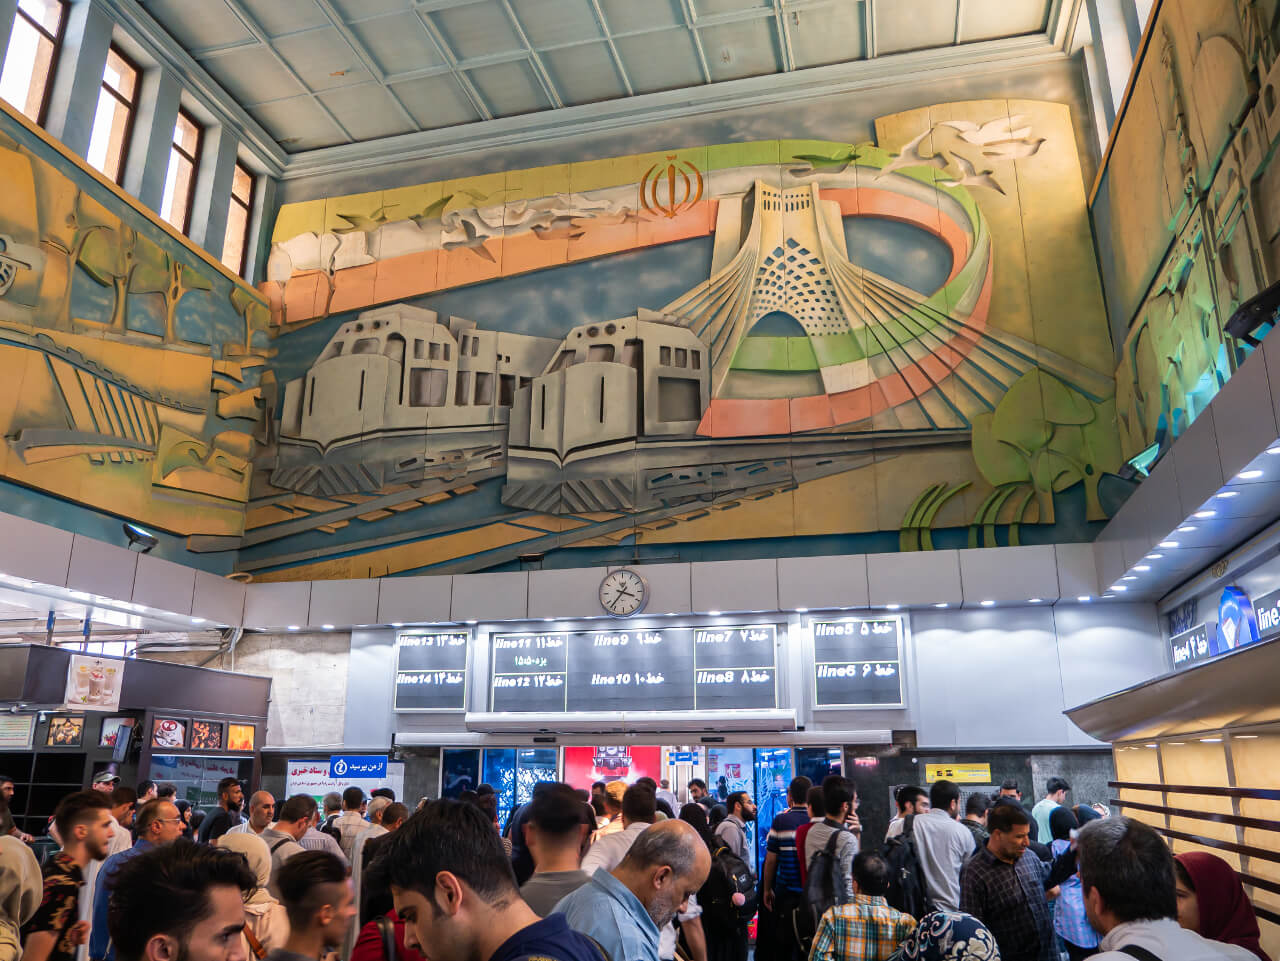 Tłum na dworcu kolejowym w Teheranie